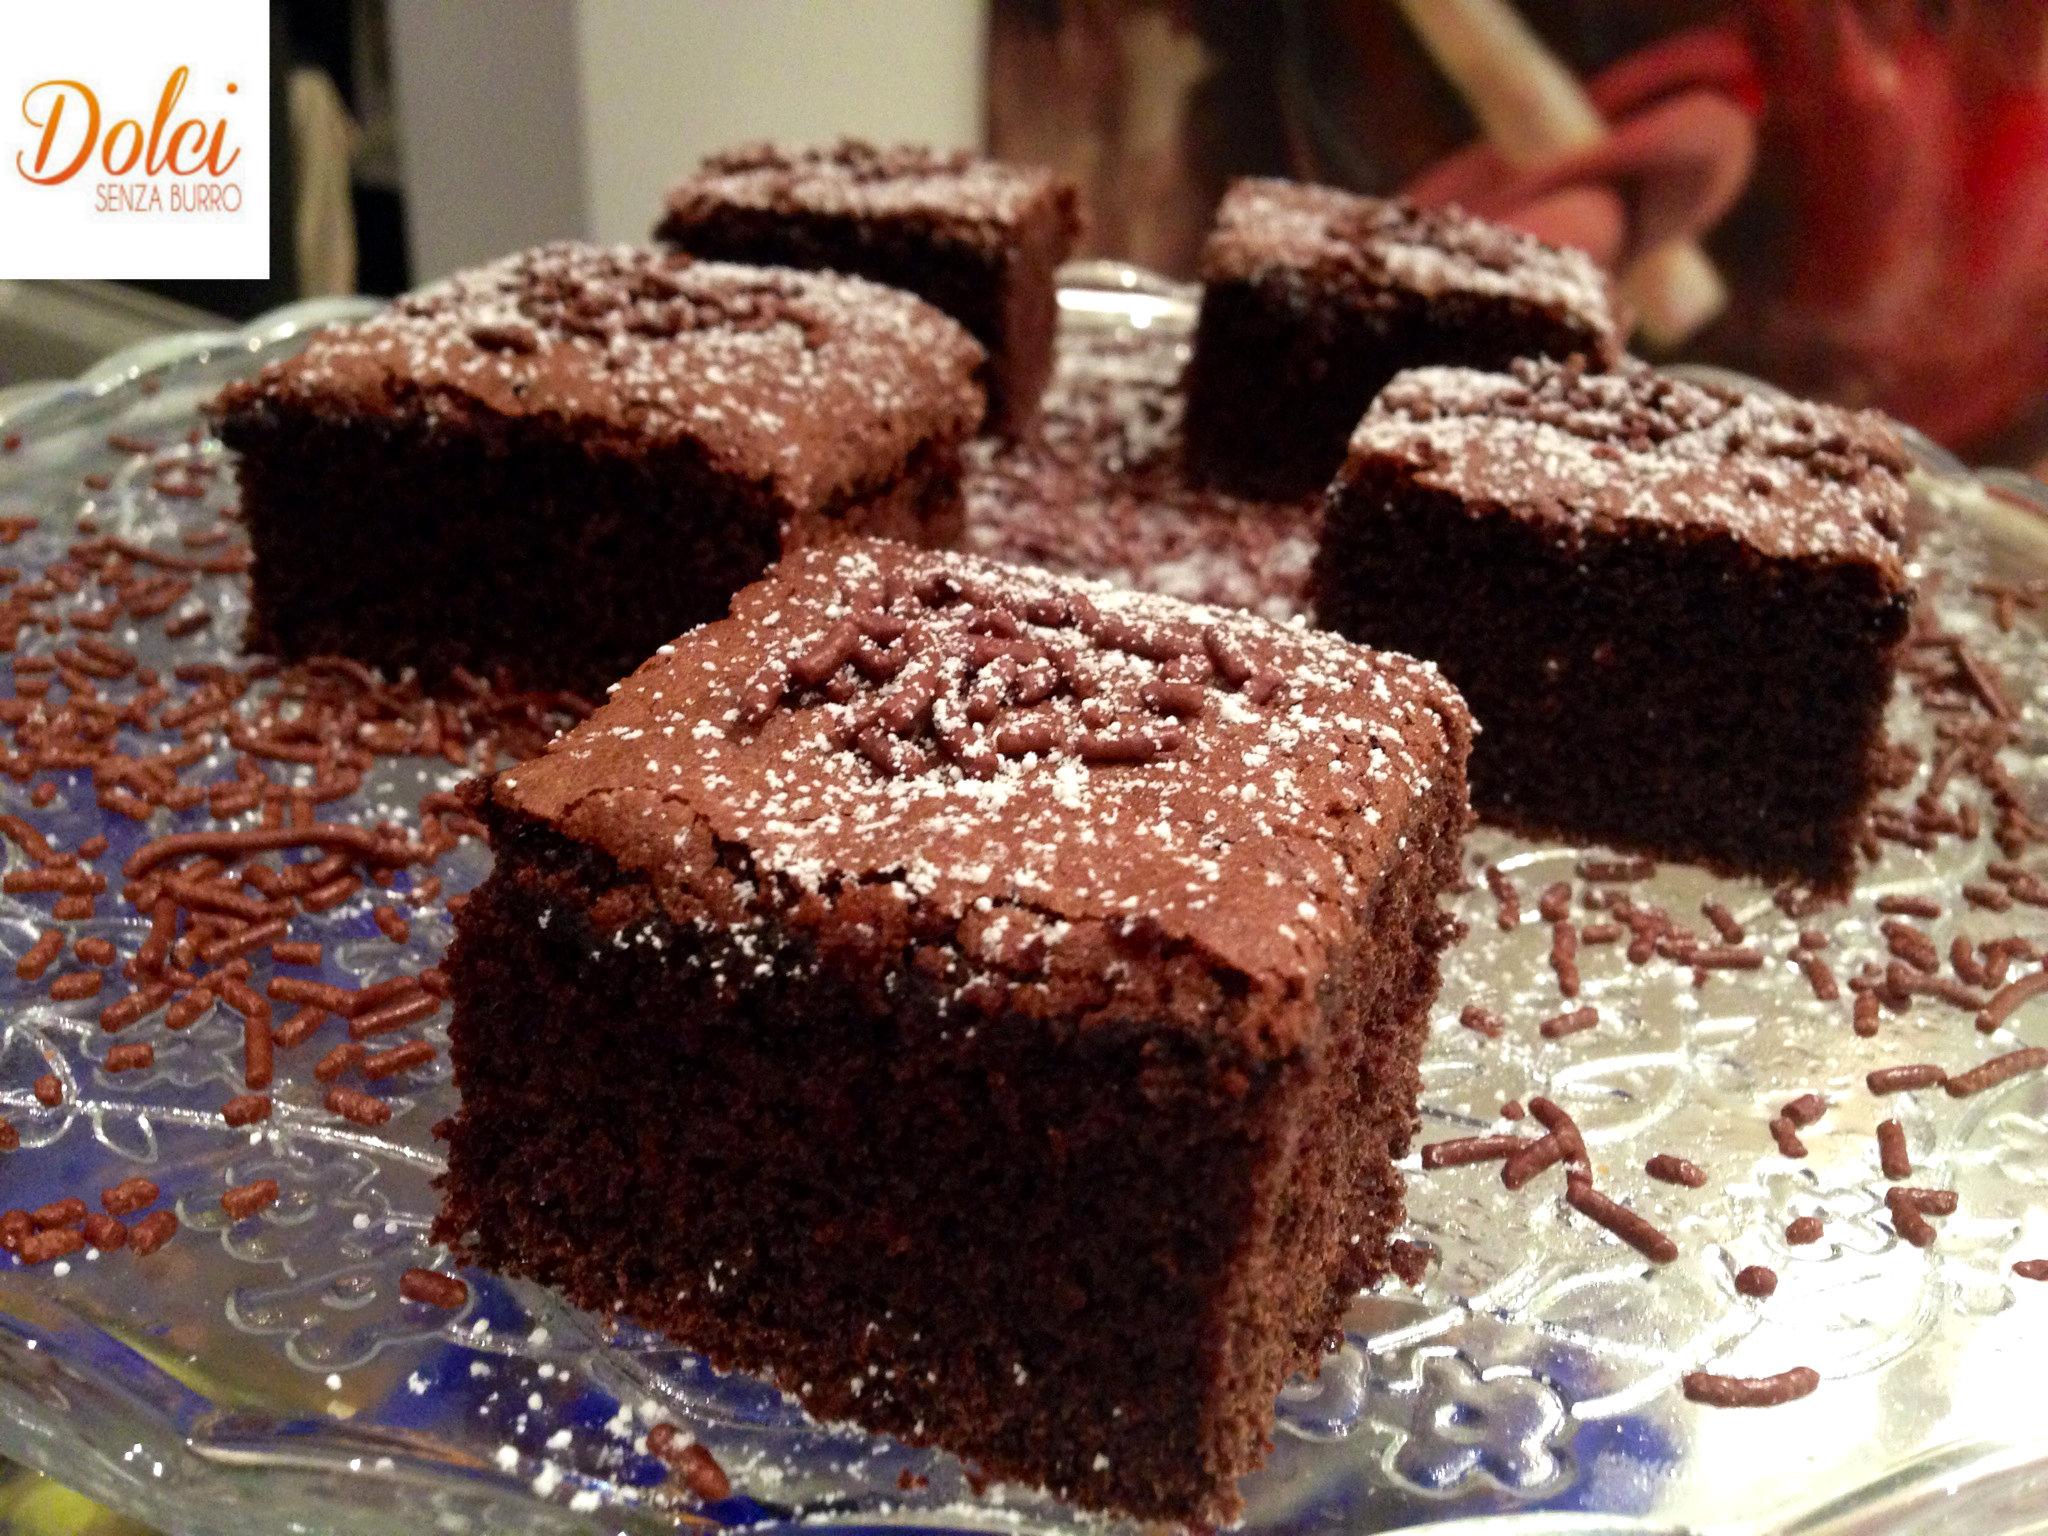 Torta al Caffè e Cioccolato Senza Burro, il dolce goloso di dolci senza burro